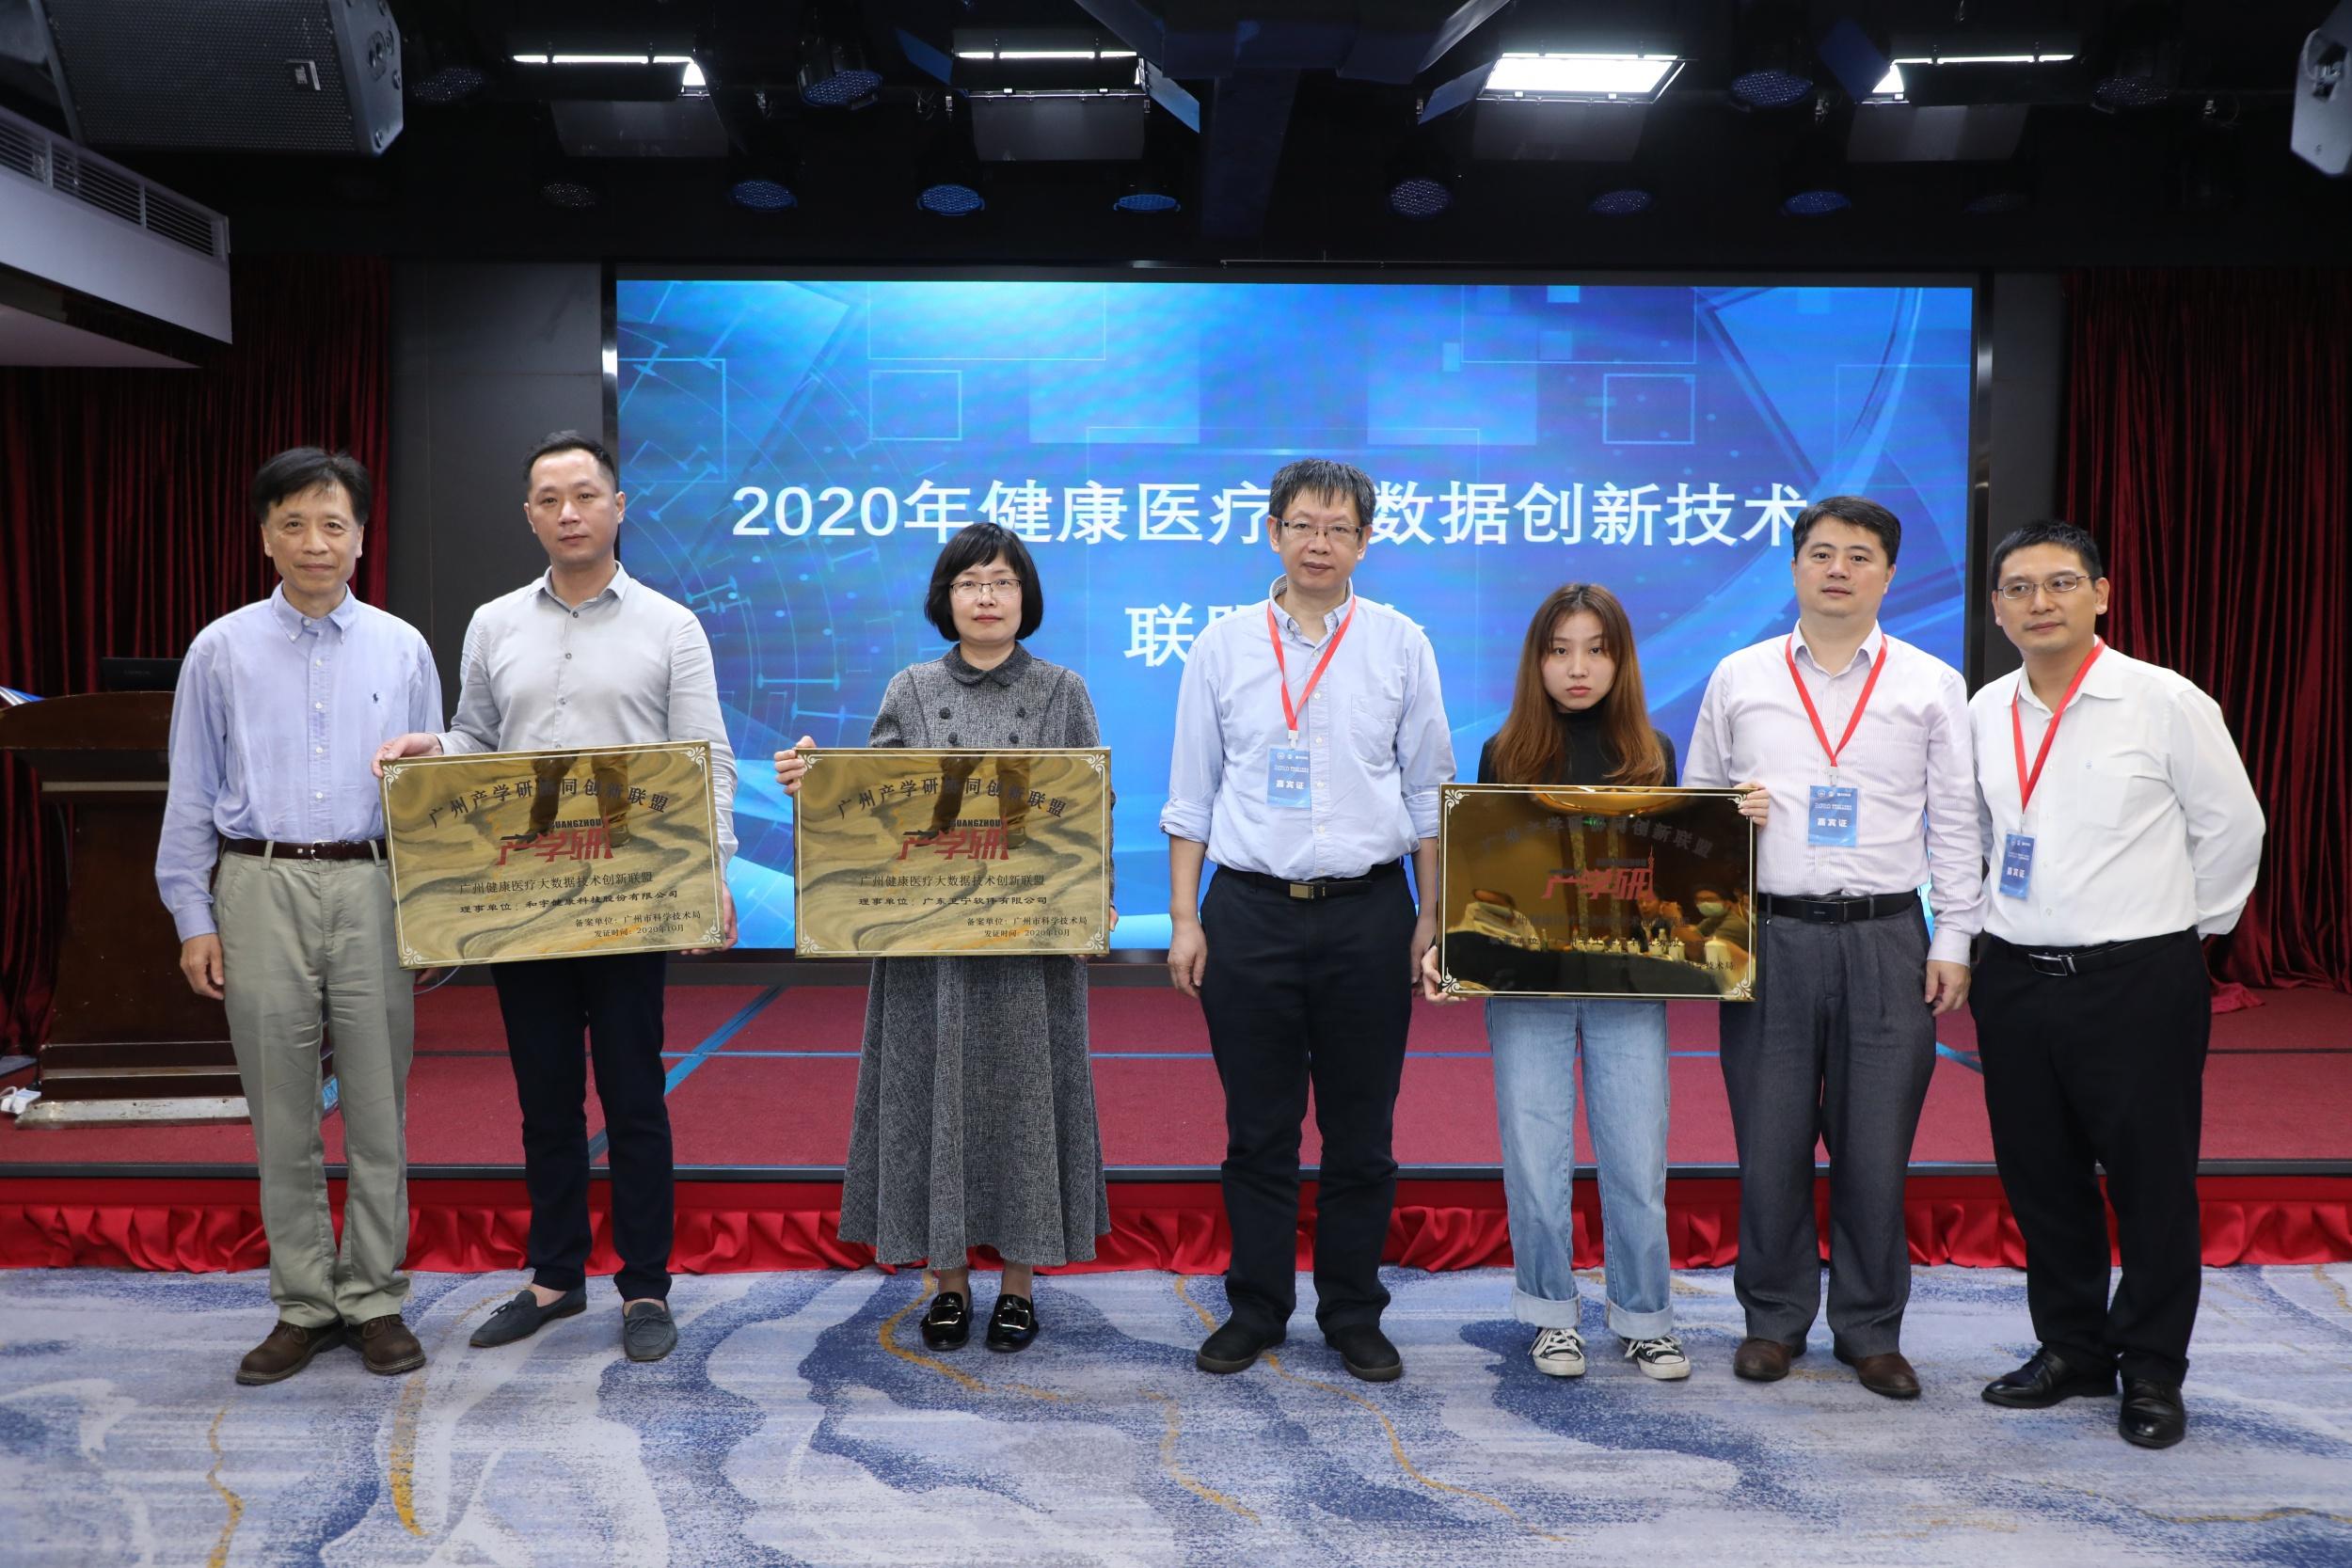 破壁壘,促融合!和宇健康加入廣州健康醫療大數據技術創新聯盟